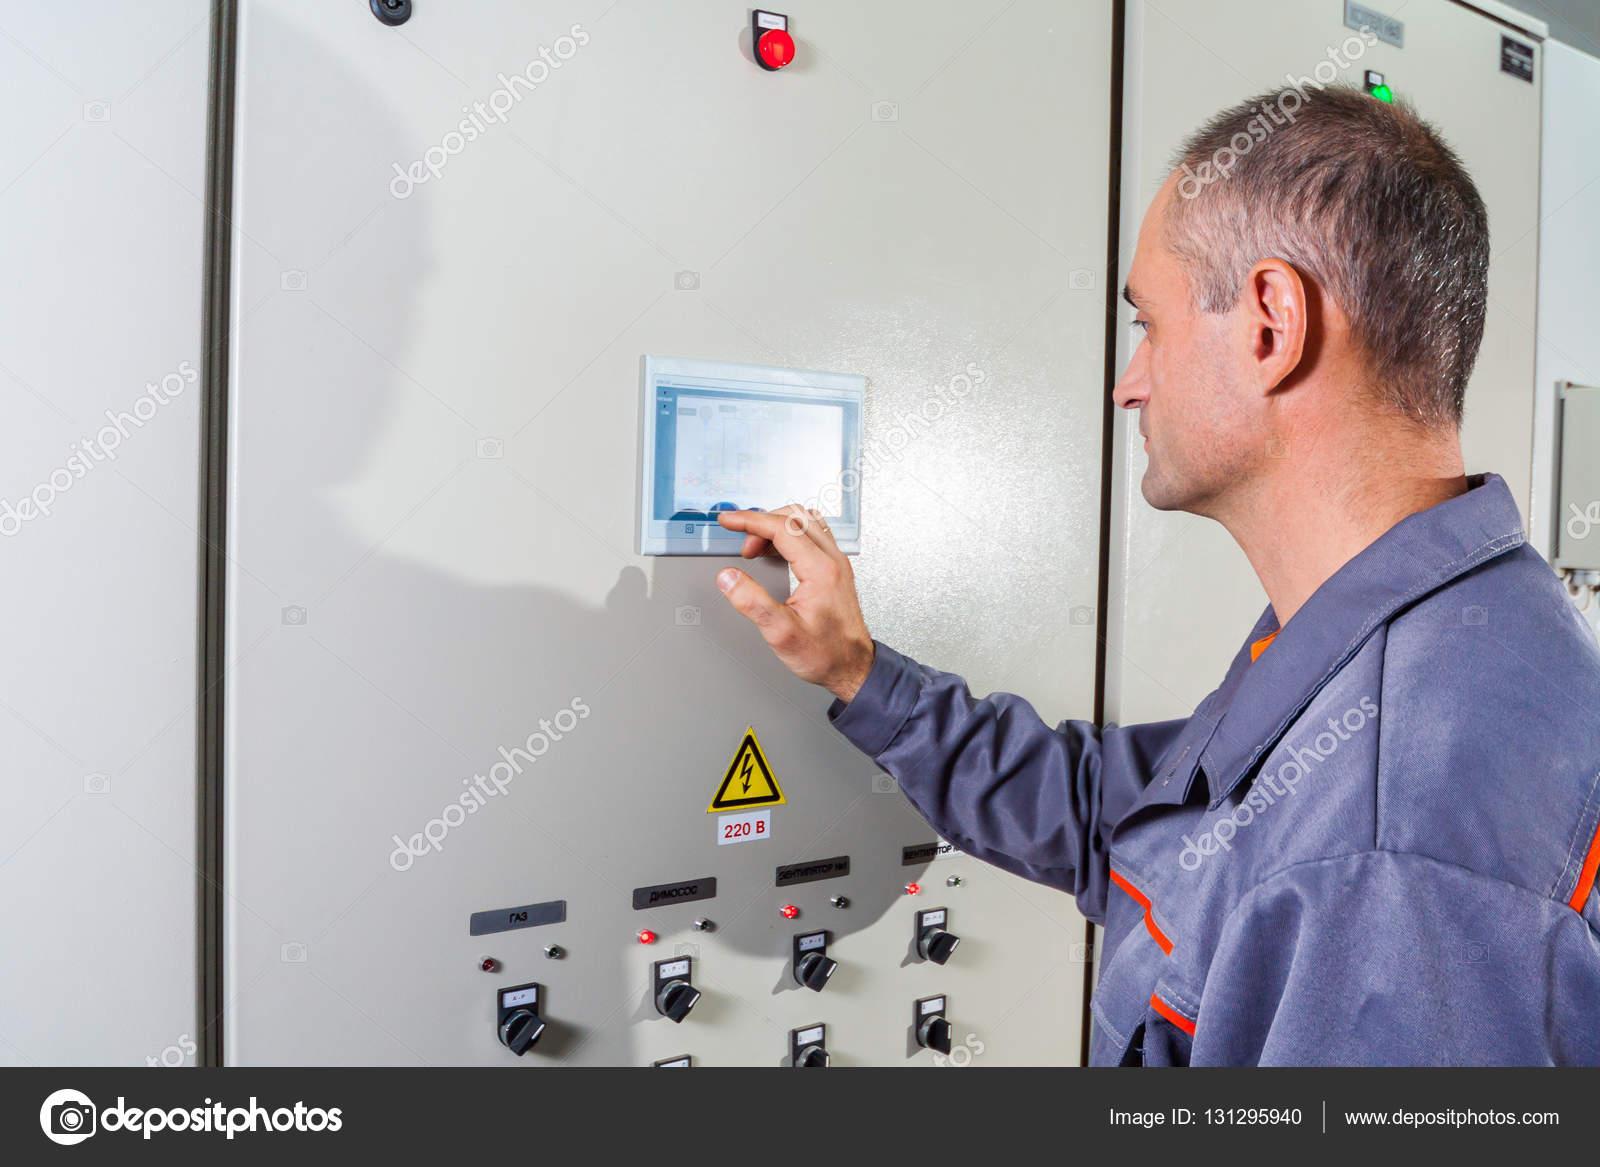 Industrielle Prfmaschine Elektriker Baumeister Industrial Fuse Box Ingenieur Mnnliche Energieeinsparung Ausrstung Einschrauben